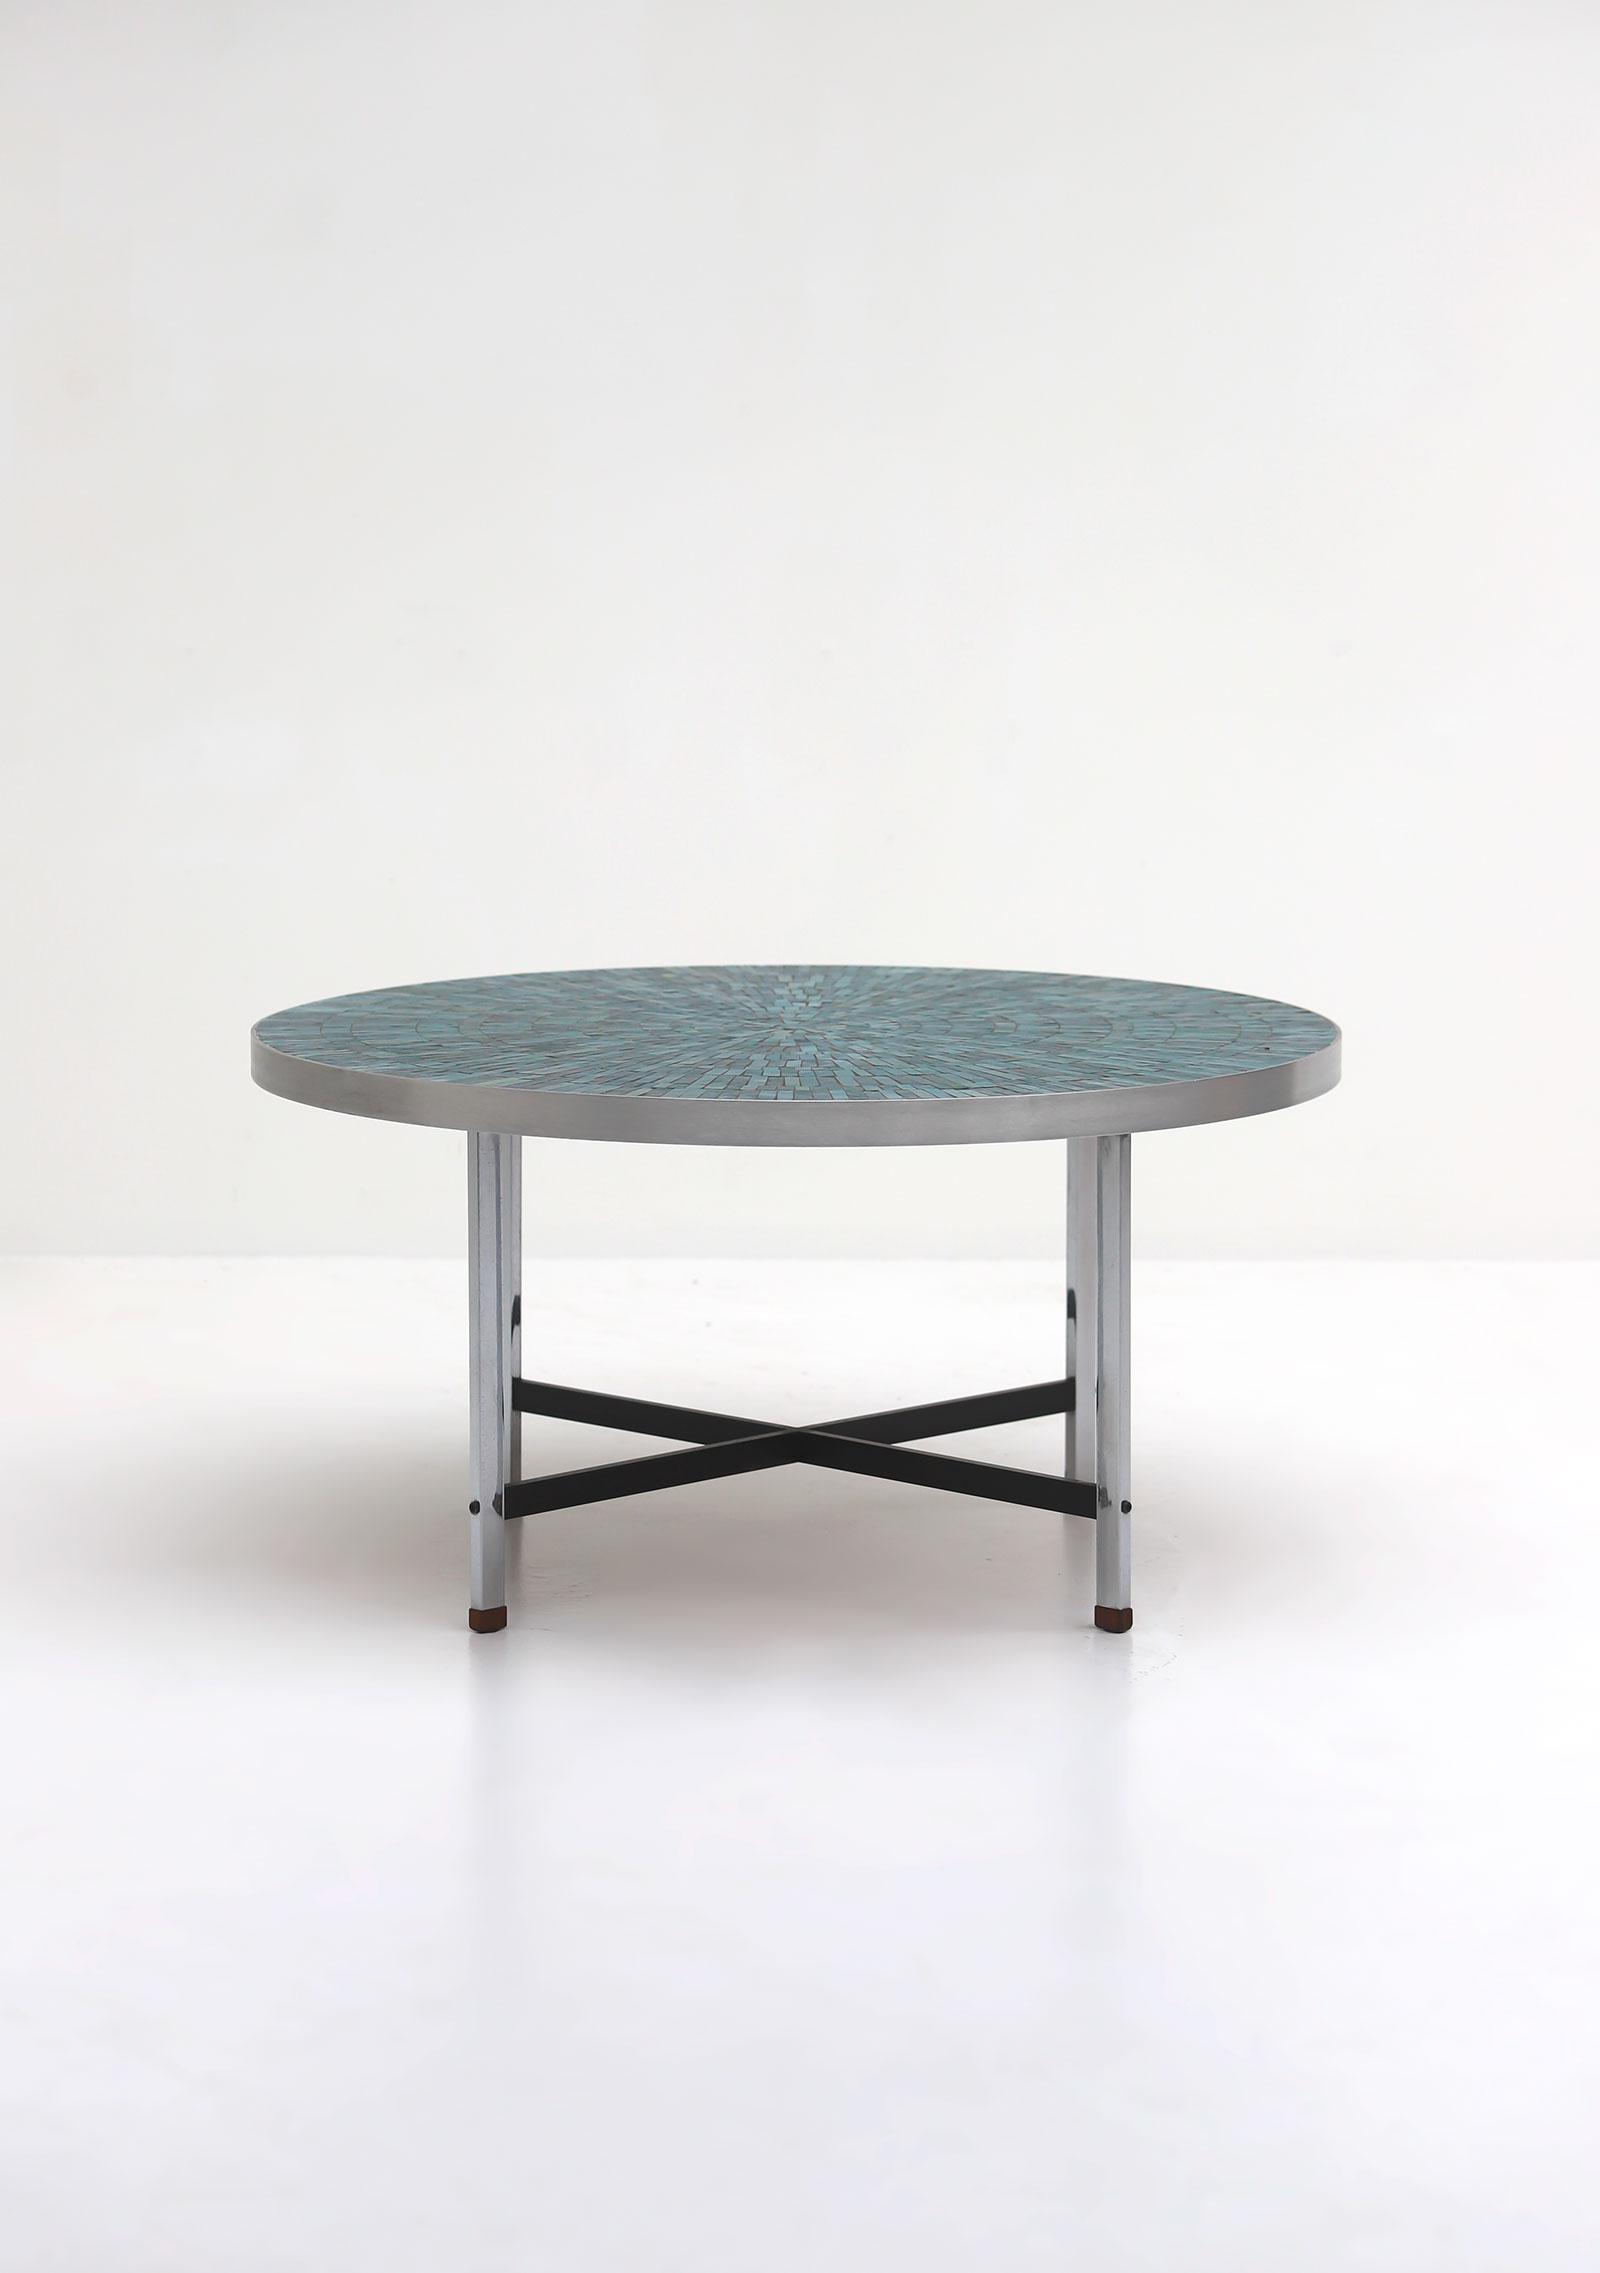 1960s Azure Round Ceramic Coffee Tableimage 1